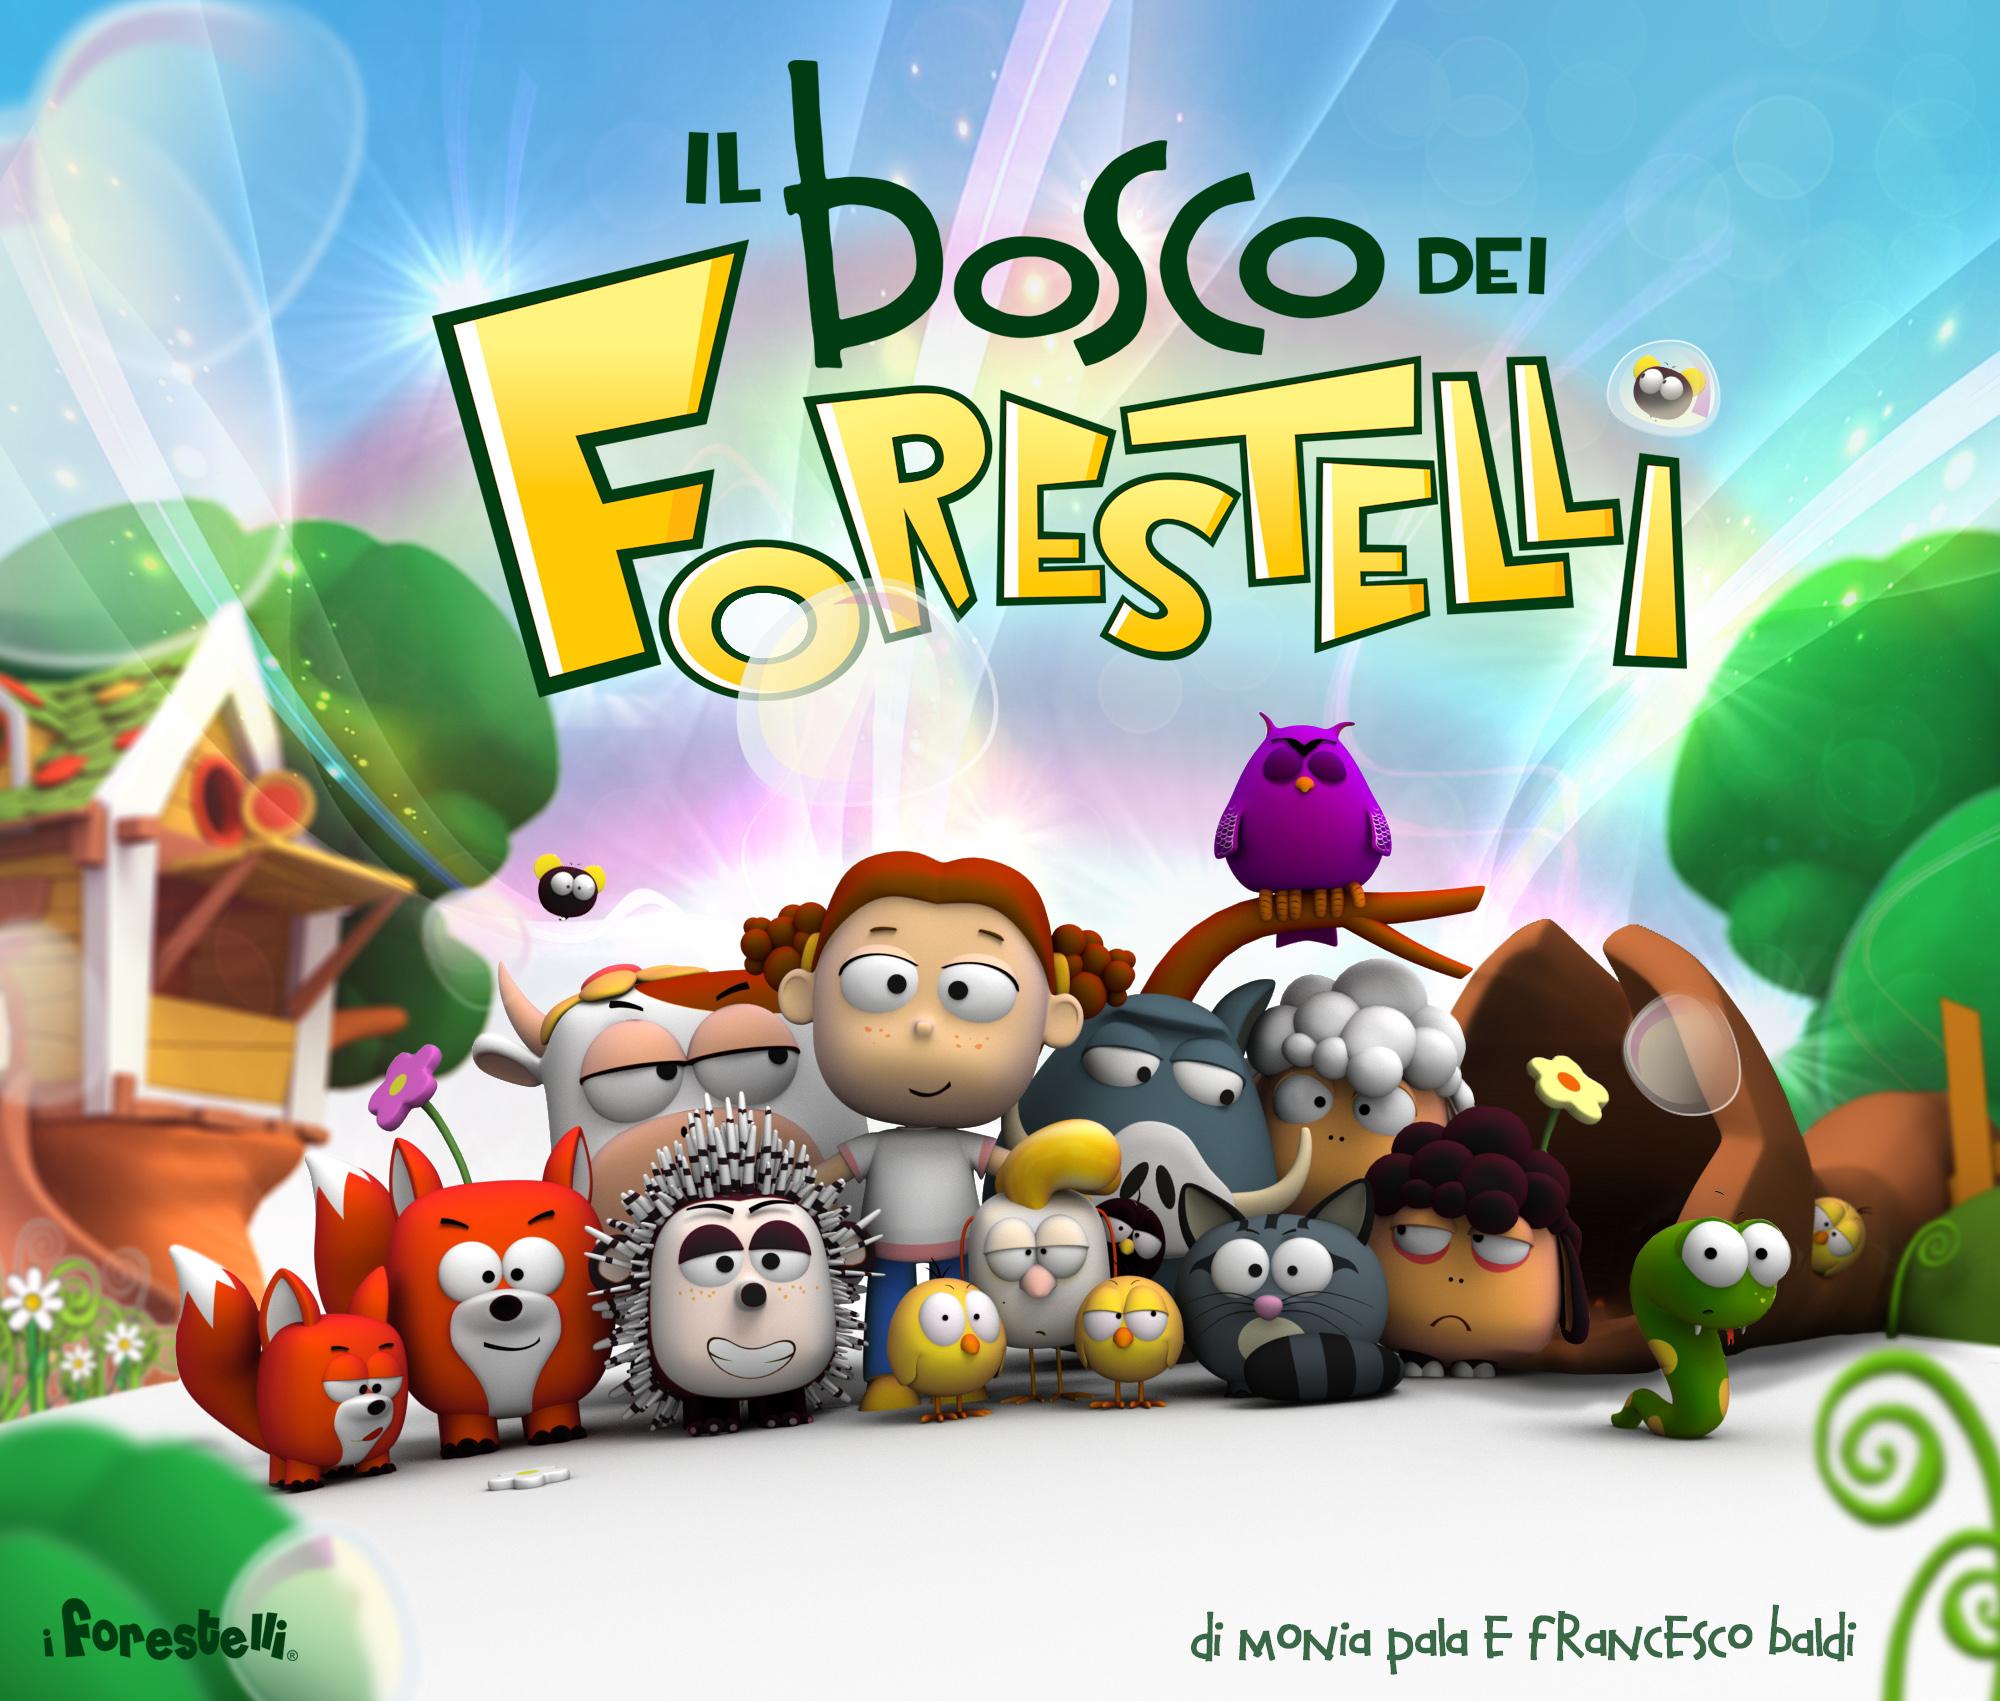 """Cartoni animati made in Forte dei Marmi. """"Il Bosco dei Forestelli"""" presentato al Festival dell'animazione di Venezia"""